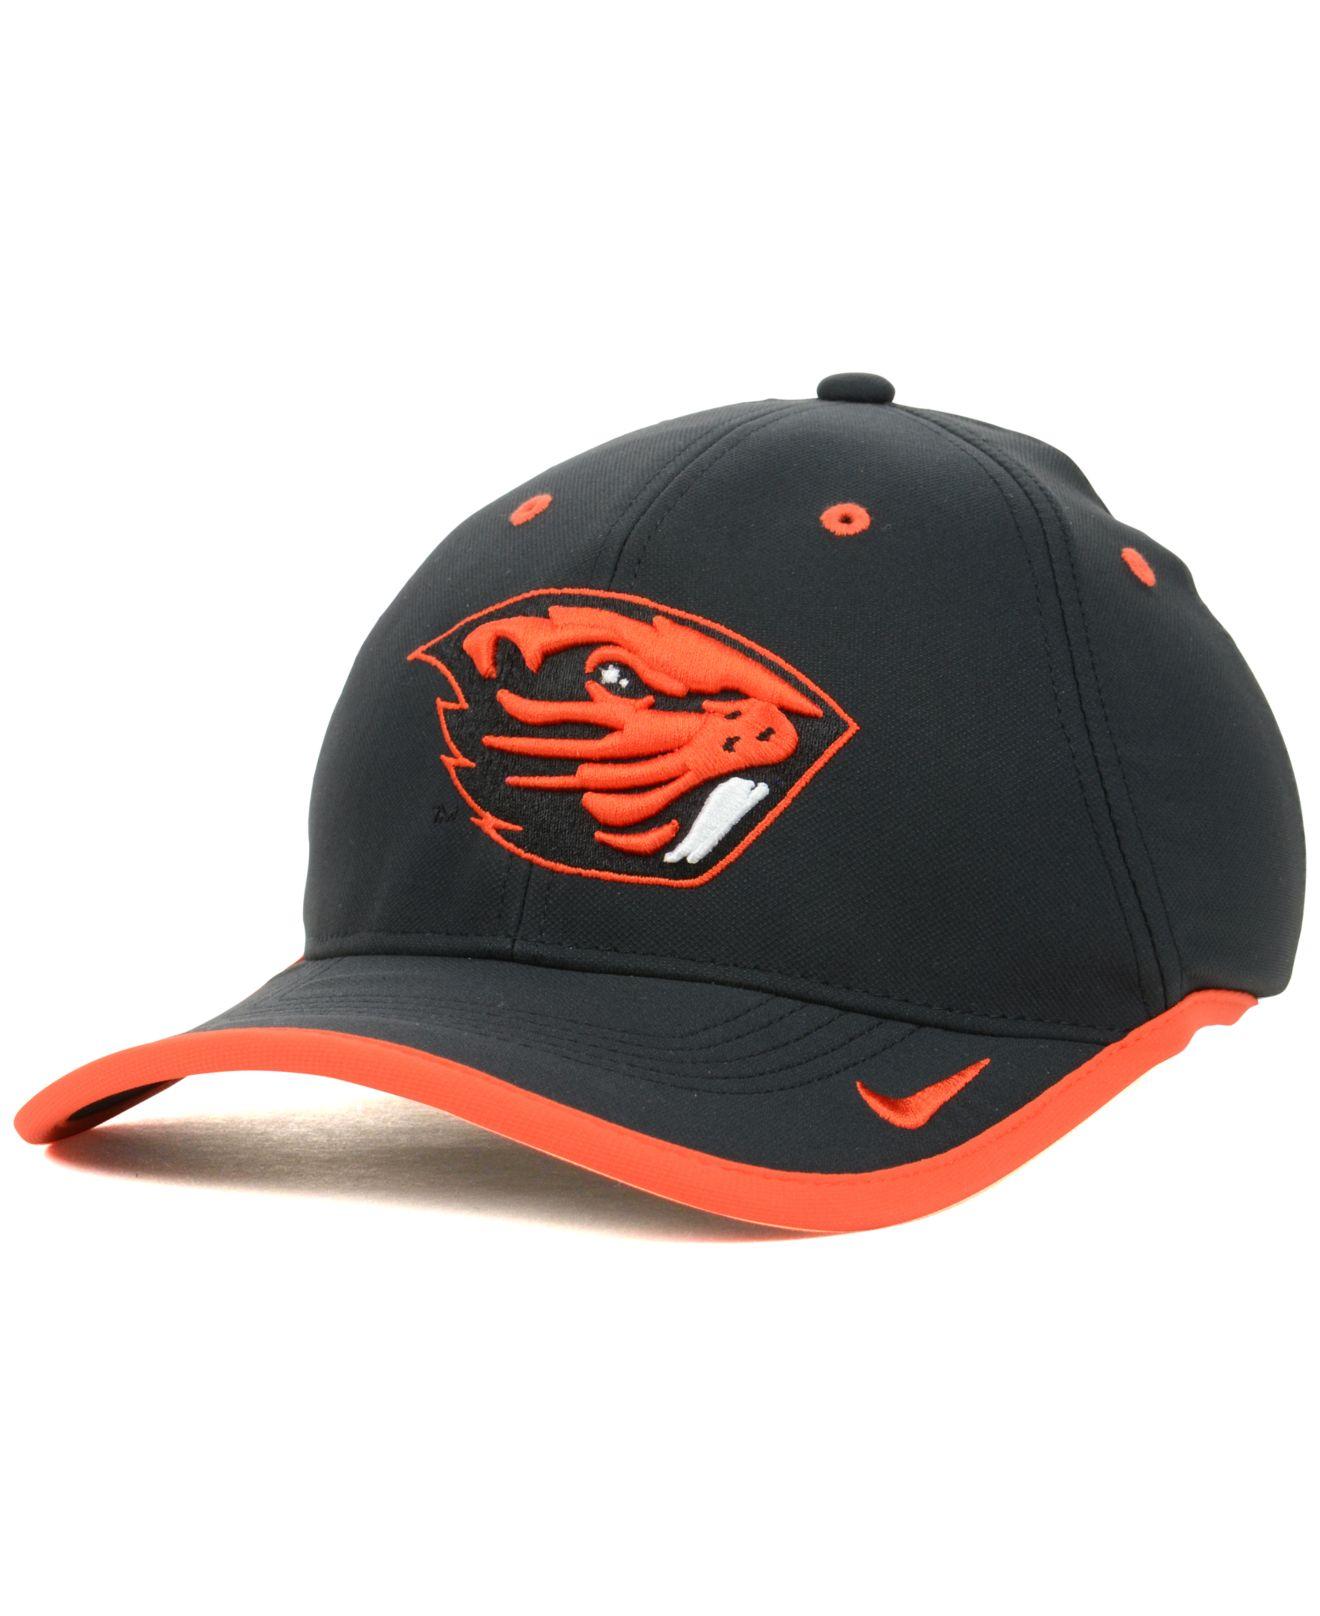 size 40 f26a1 4fe3a ... cheap lyst nike oregon state beavers coaches dri fit cap in black for  men 8b669 6a532